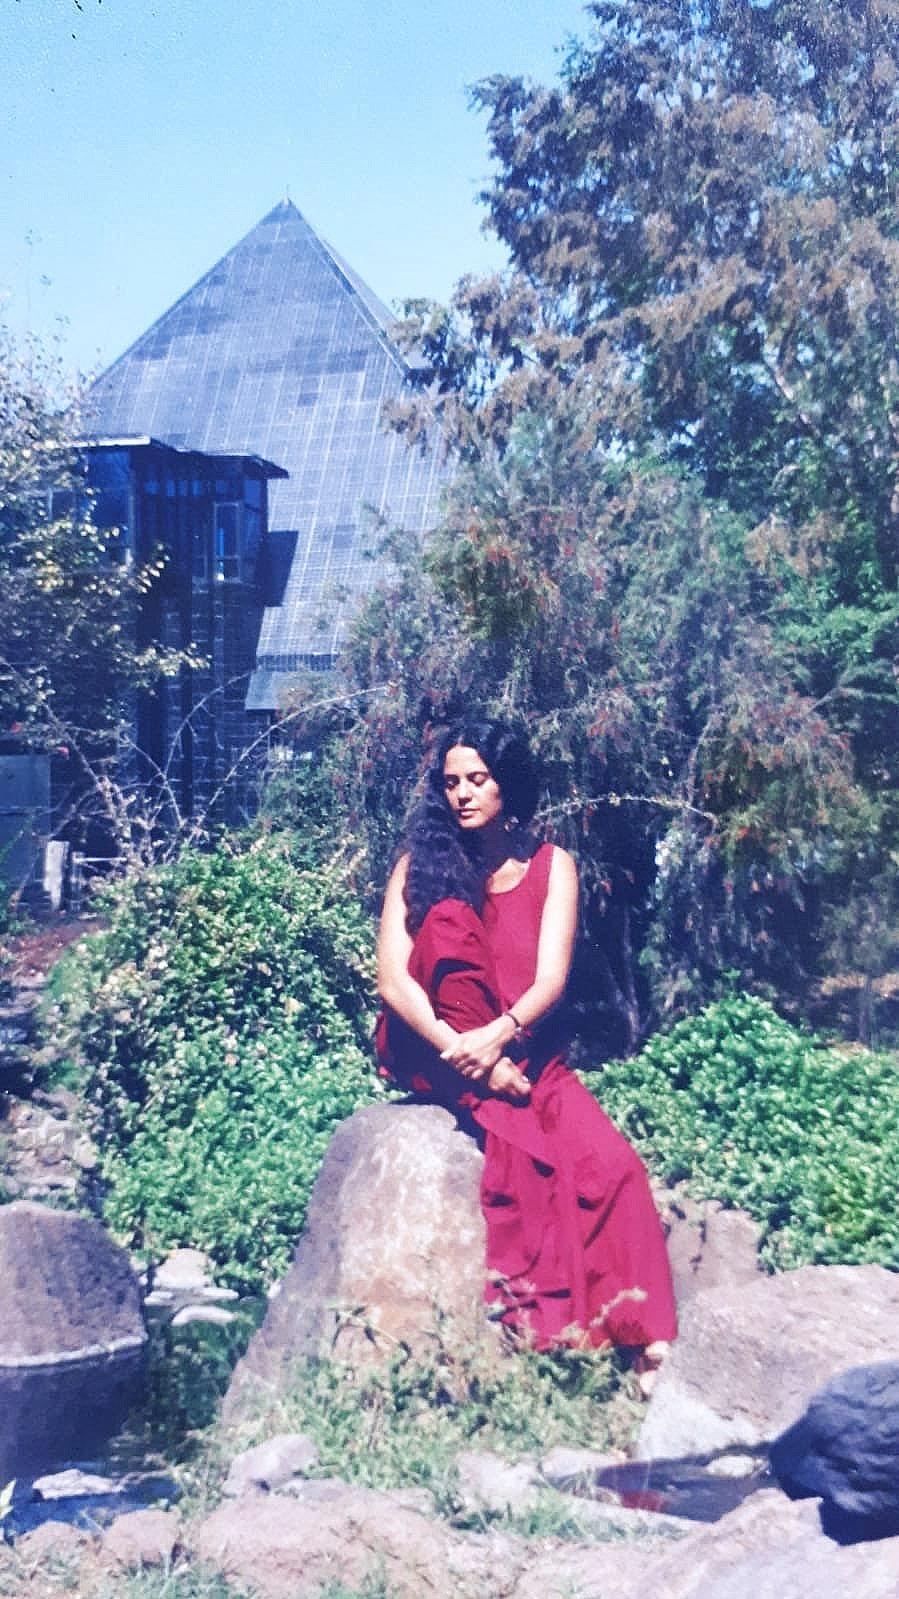 סמבביה אננד, האשראם של אושו בפונה, תחילת שנות ה90, באדיבות סמבביה אננד